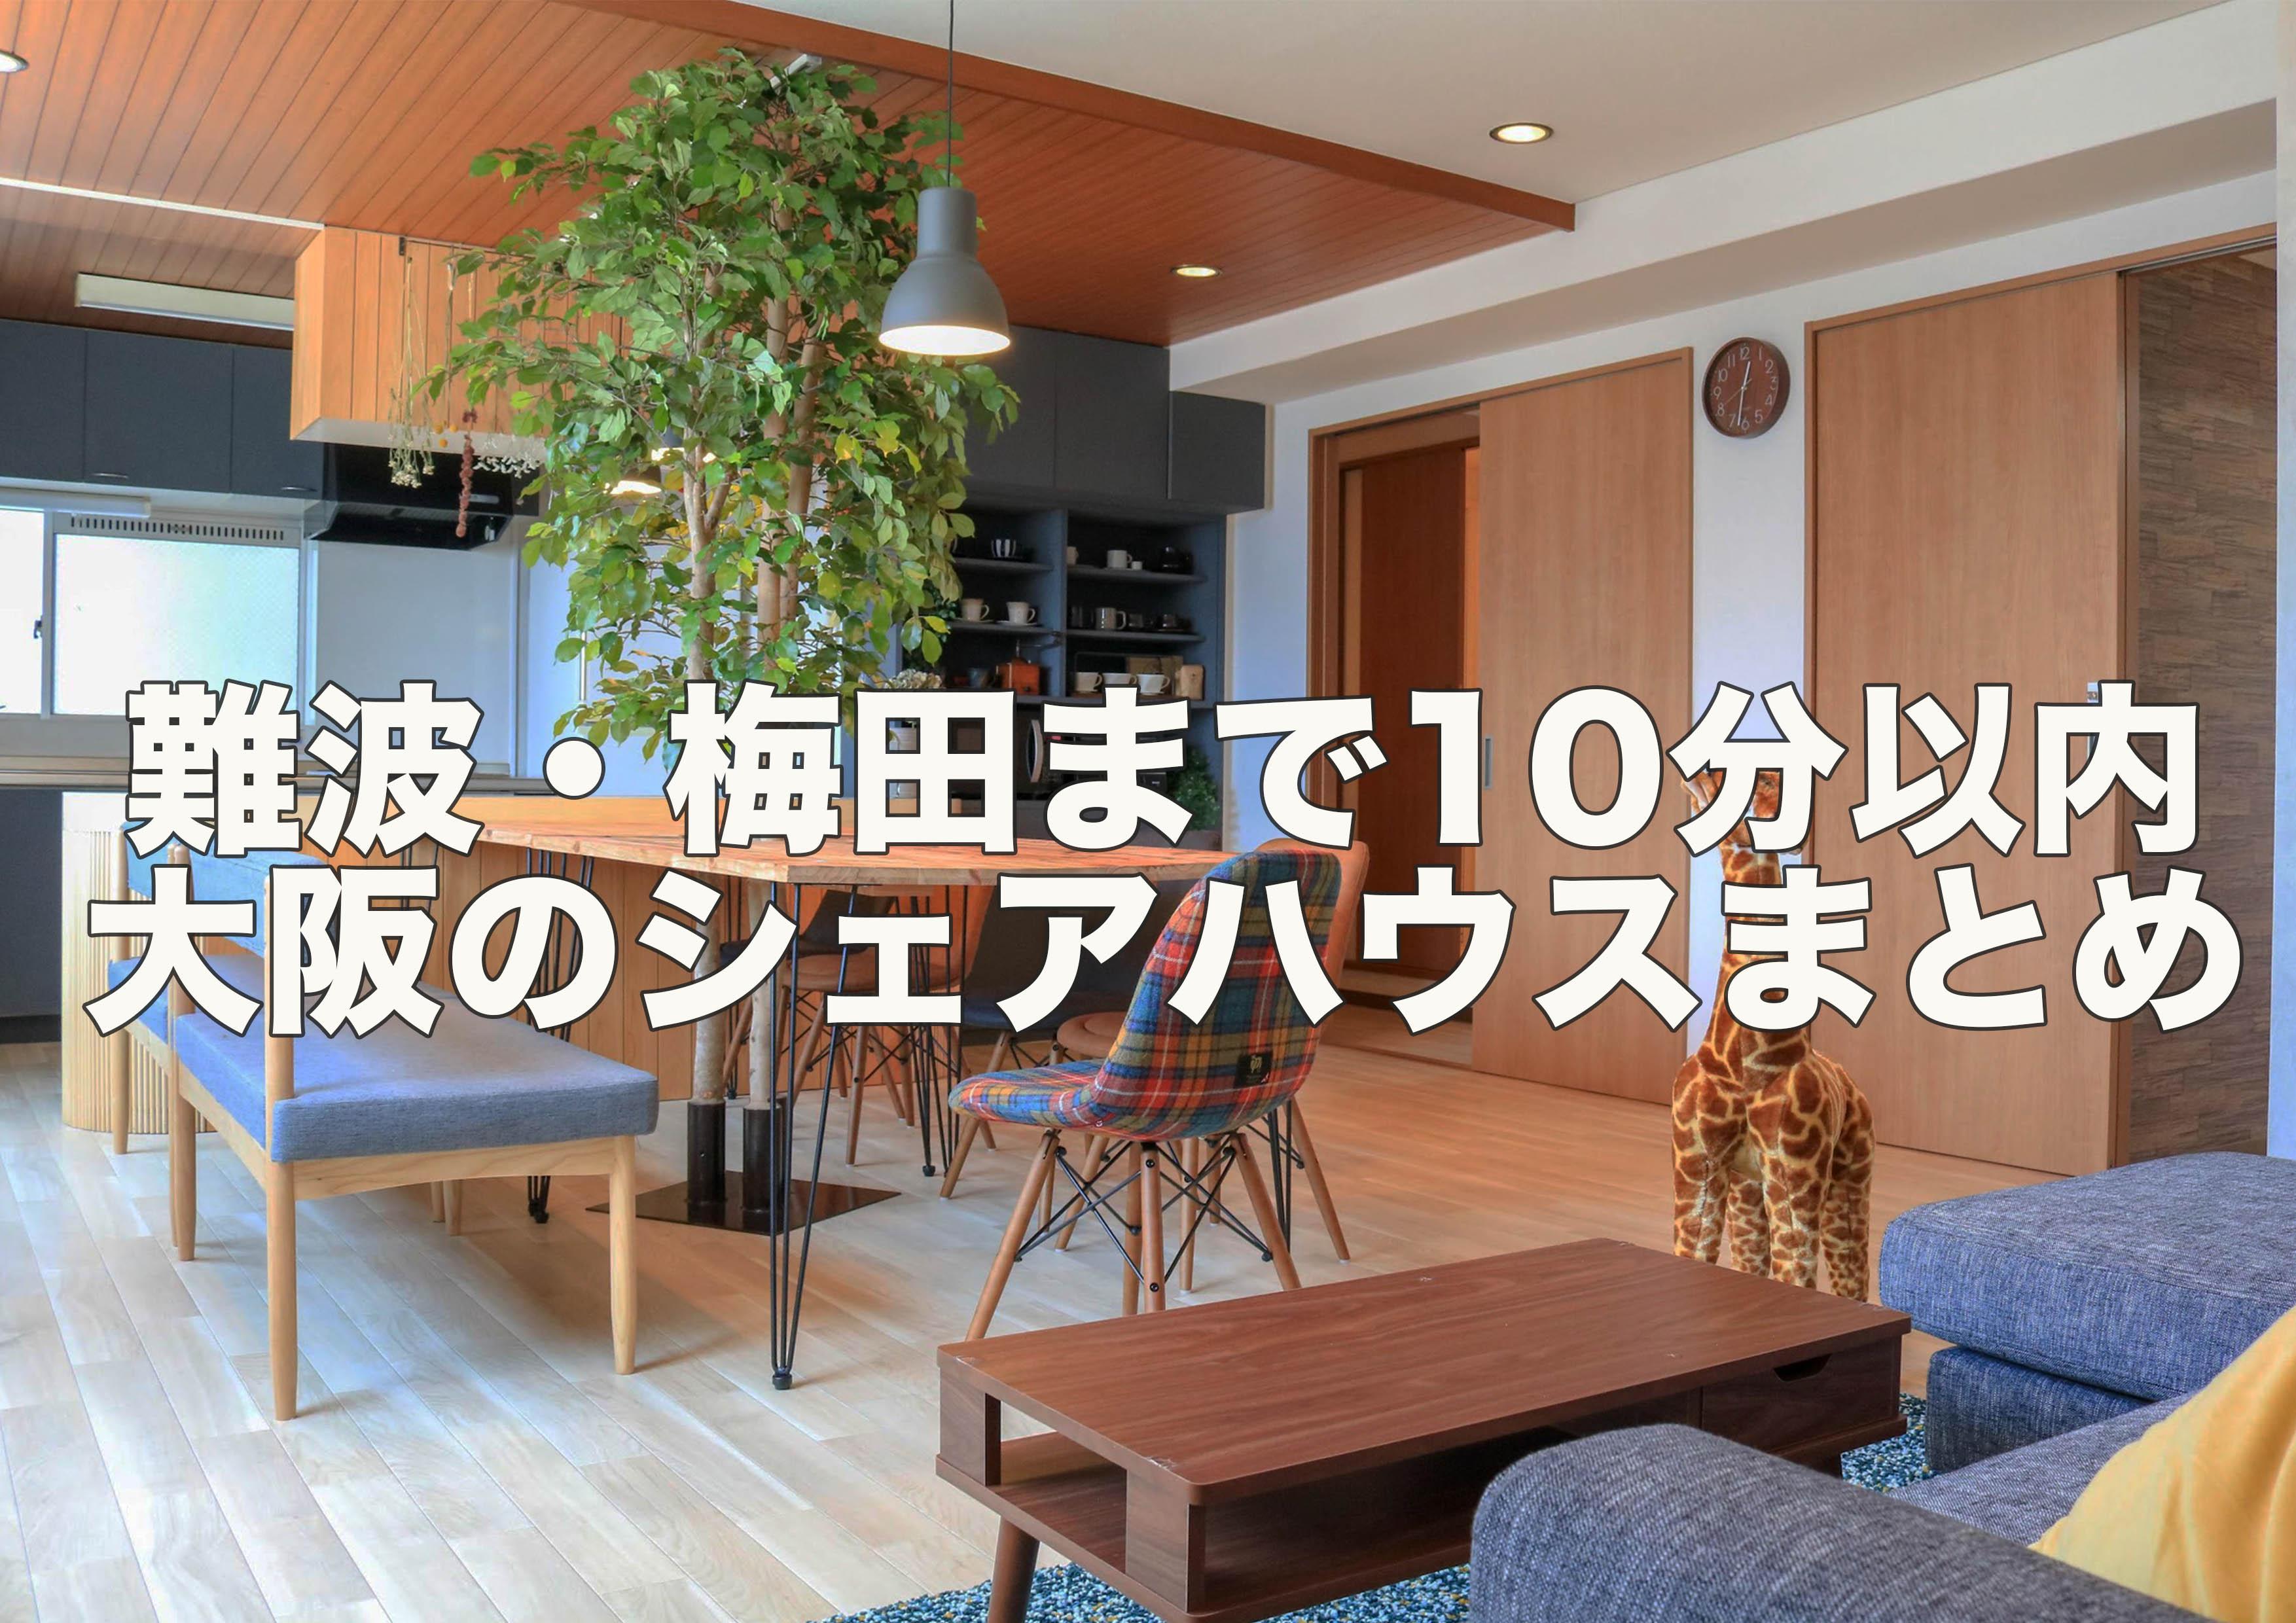 大阪でシェアハウスを探すなら!大阪にあるおすすめシェアハウスまとめ